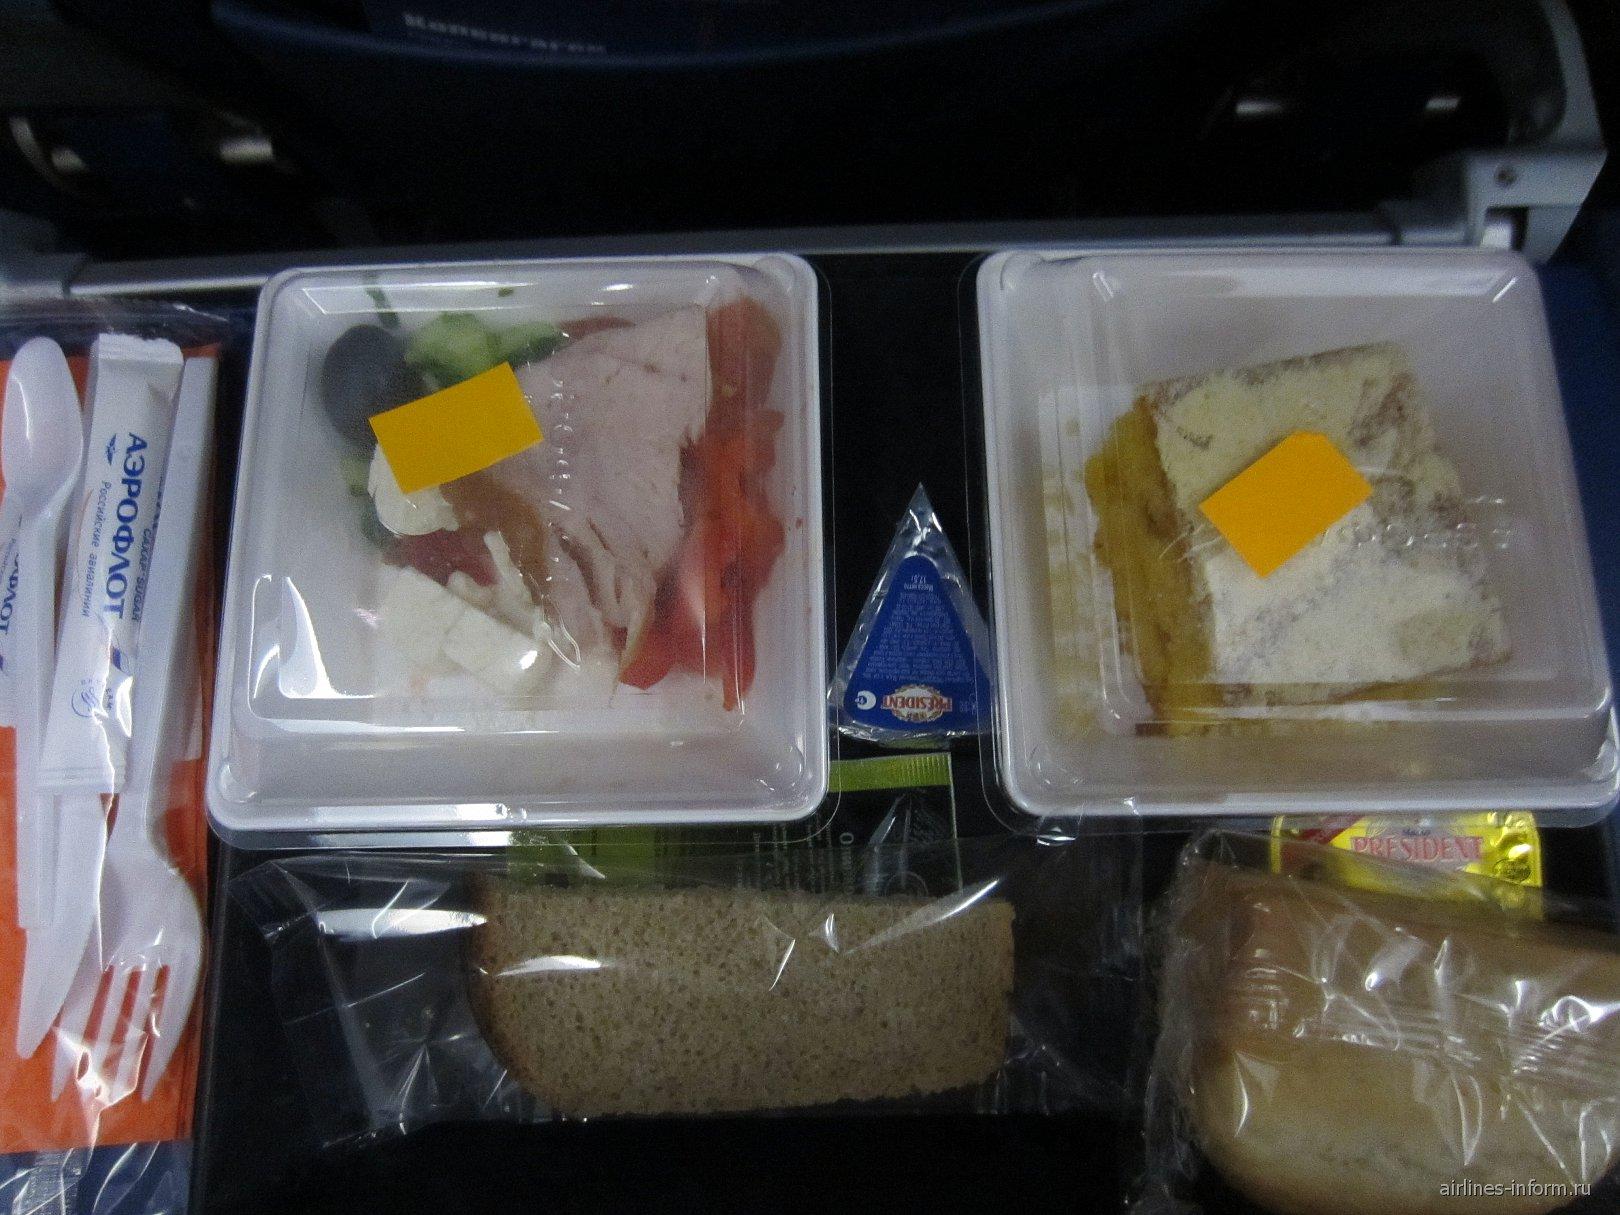 Питание на рейсе авиакомпании Аэрофлот Москва-Екатеринбург